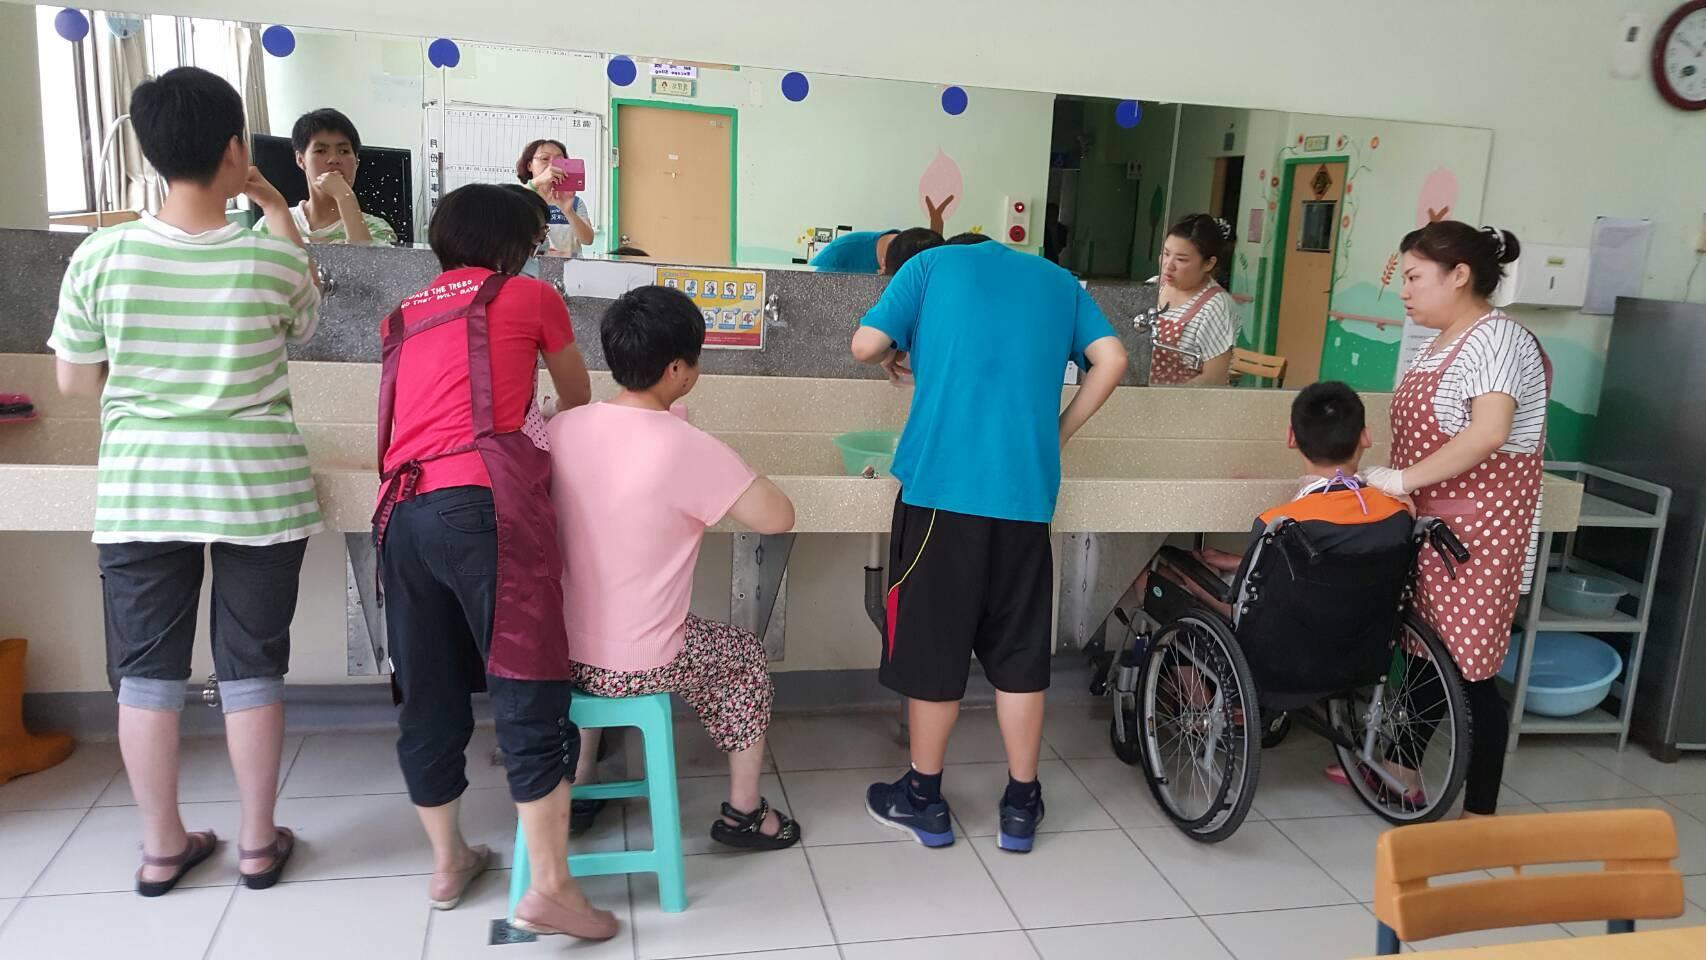 通稿照片06-愛家發展中心洗手台環境改造讓照護者在協助身心障礙者使用洗手台時更輕鬆.jpg